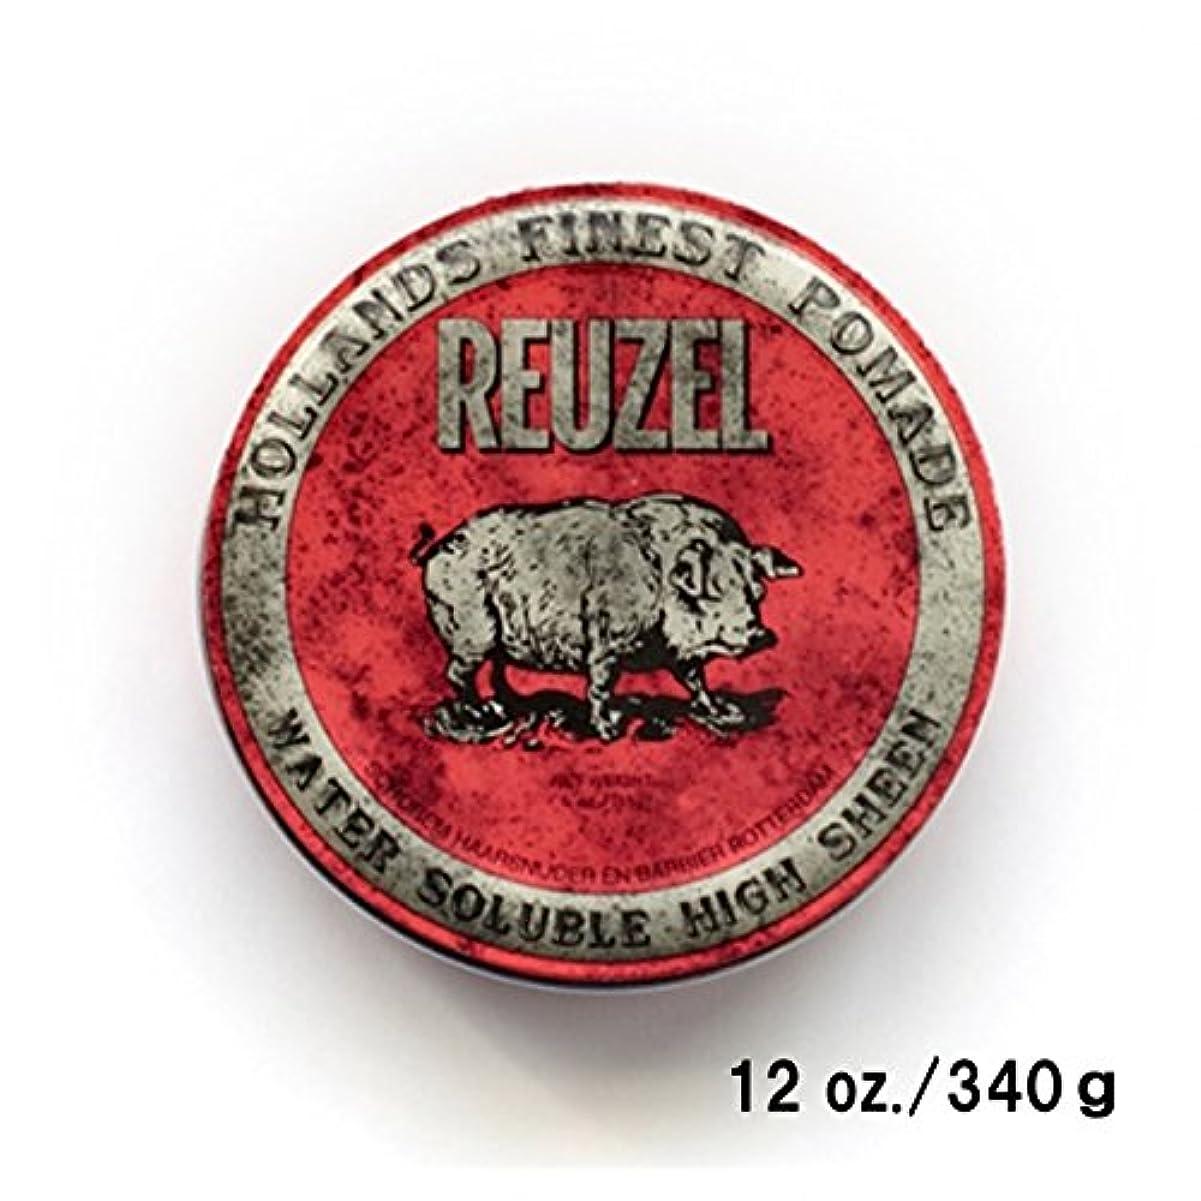 激しいジョブ数REUZEL ルーゾーポマード 12oz.-340g REUZEL HIGH SHEEN/RED (水性)<水溶性: ノーマルホールド>